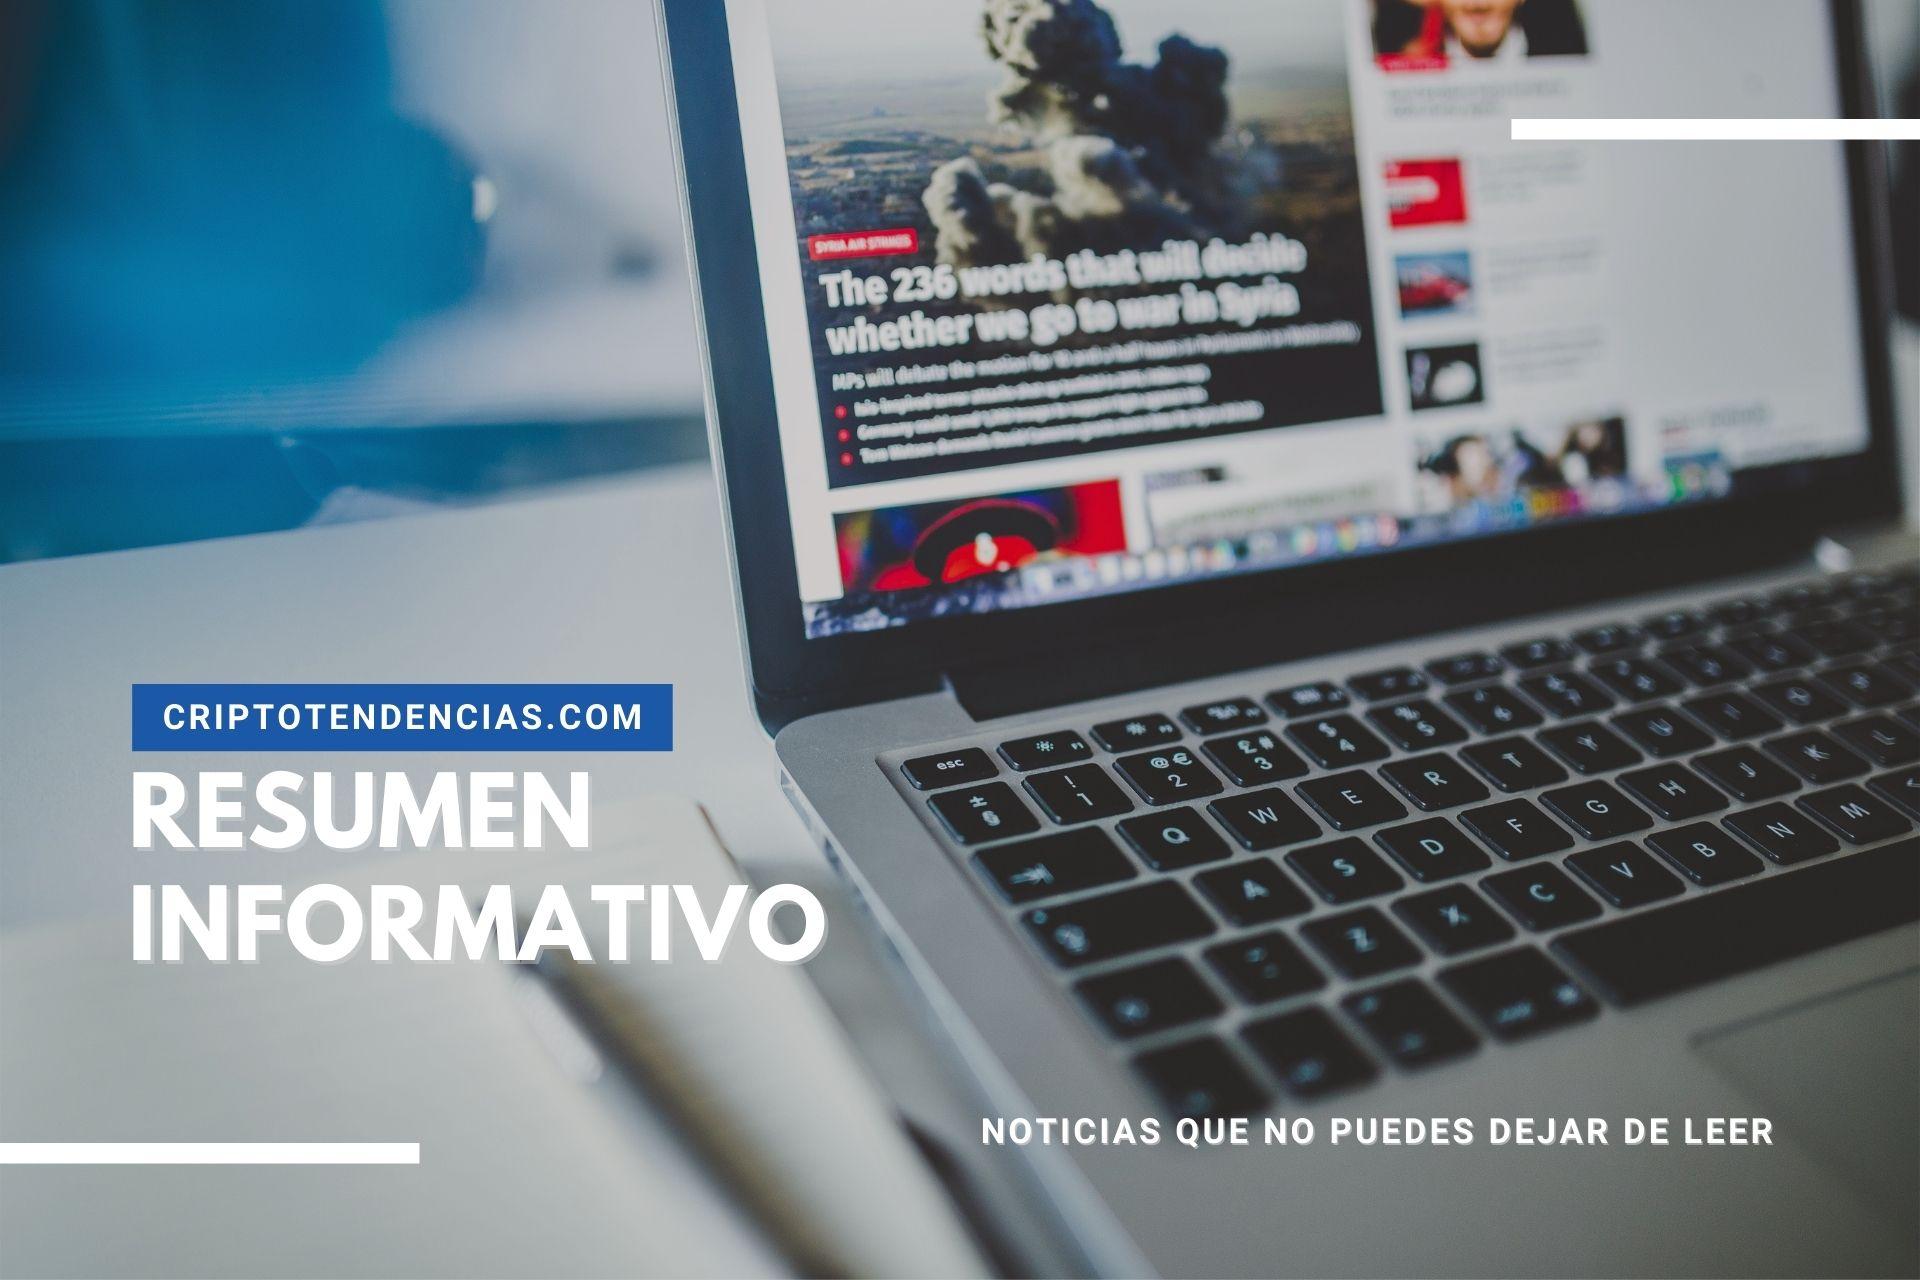 Aprueban una Bolsa Electrónica Descentralizada en Venezuela, Maduro lanza el Petro Inmobiliario, coleccionables blockchain de la NBA ahora disponibles a nivel mundial y más noticias para iniciar el día